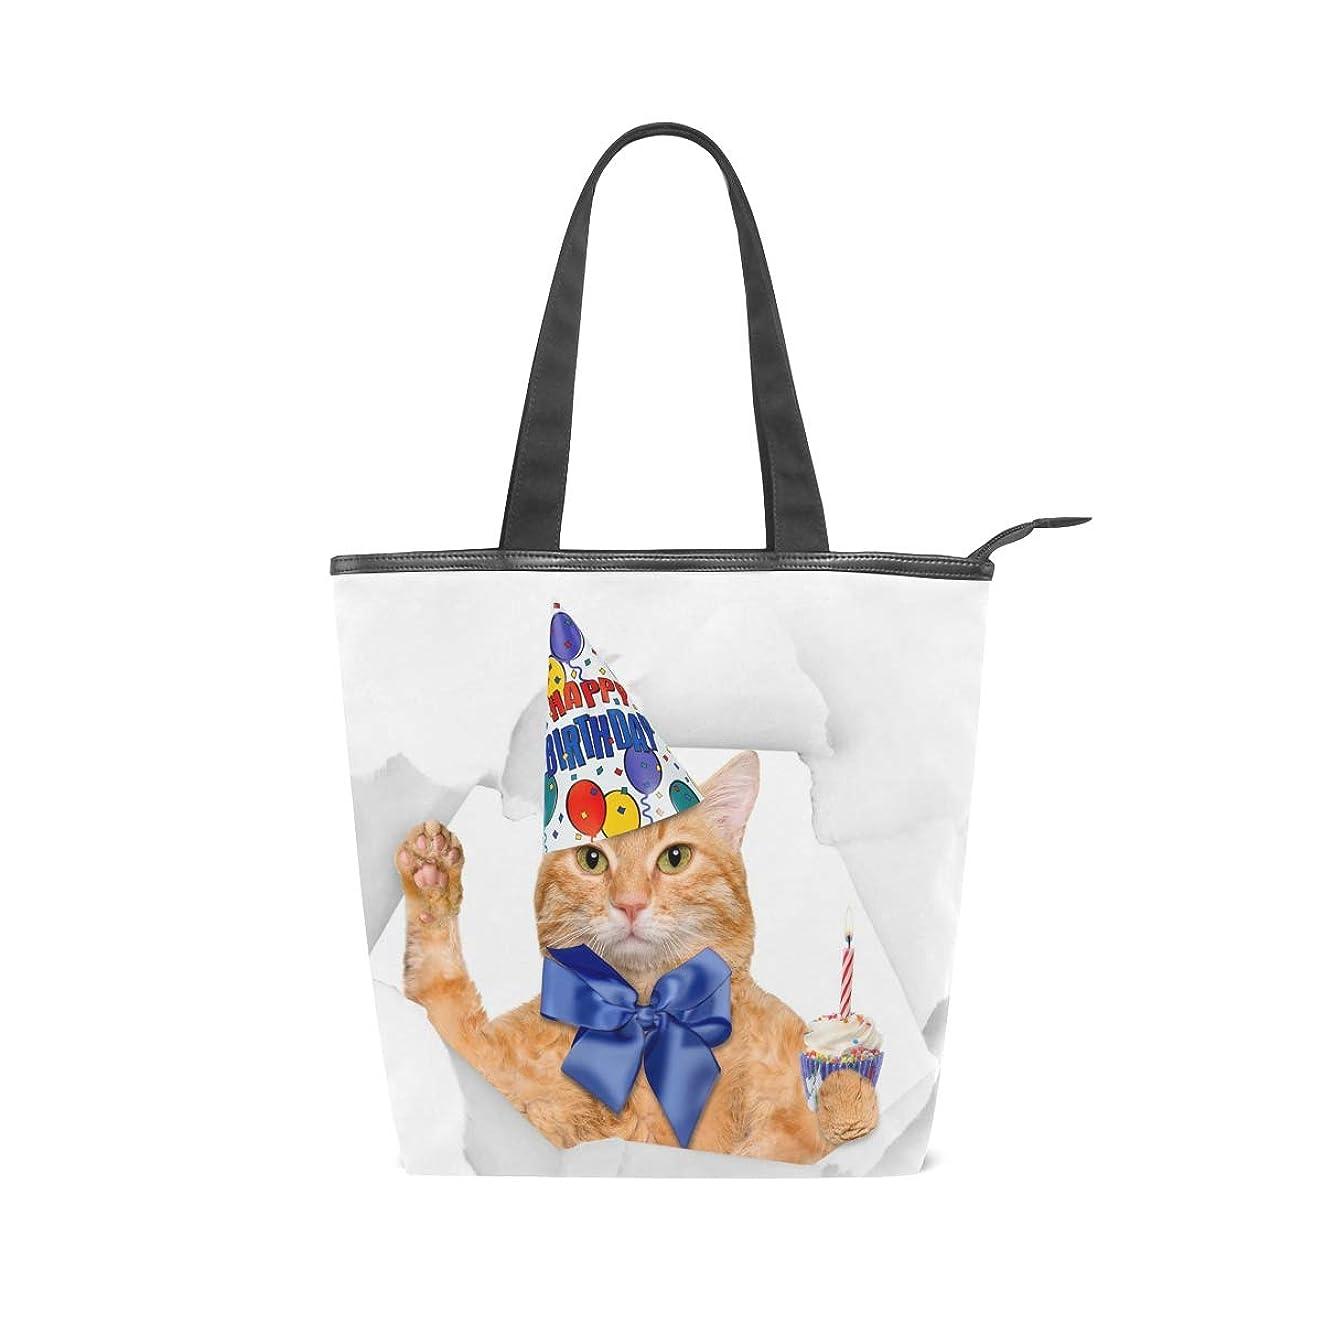 層祖母ソースキャンバス バッグ トートバッグ 多機能 多用途2way誕生日 猫柄 ネコ キャット ショルダー バッグ ハンドバッグ レディース 人気 可愛い 帆布 カジュアル 多機能 両用トートバッグ ァスナー付き ポケット付 Natax